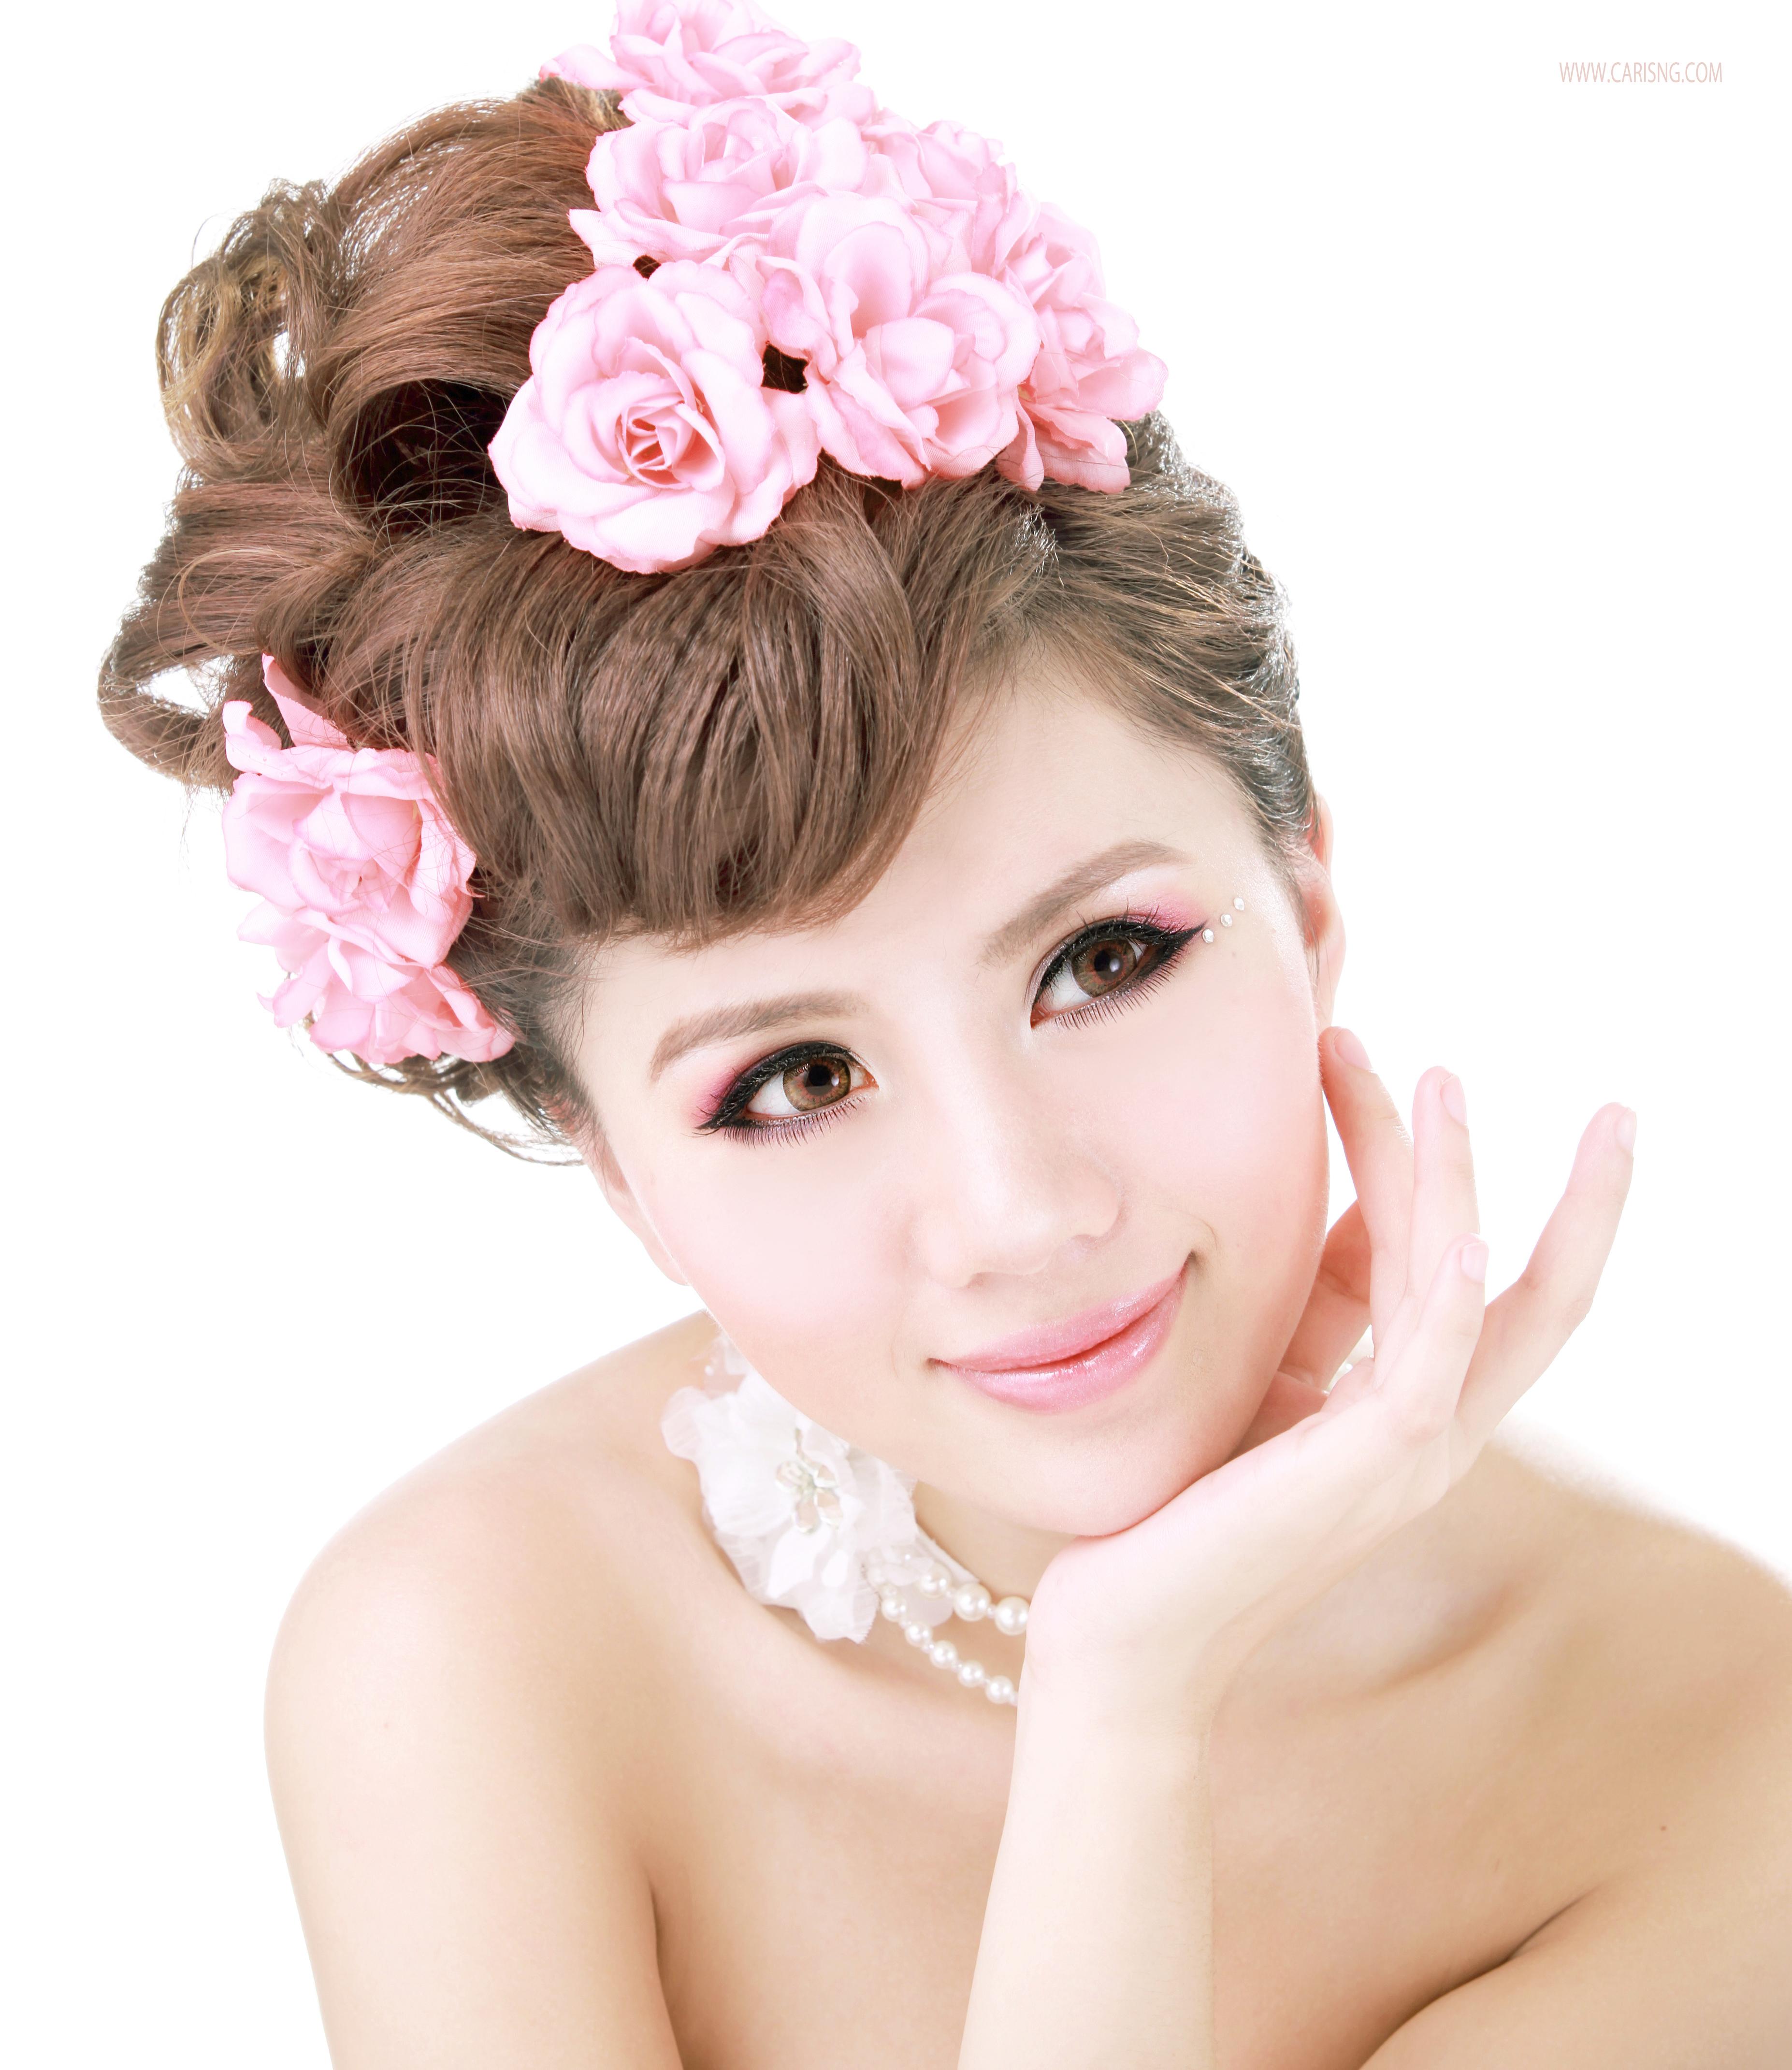 Bridal22bycarisng.jpg